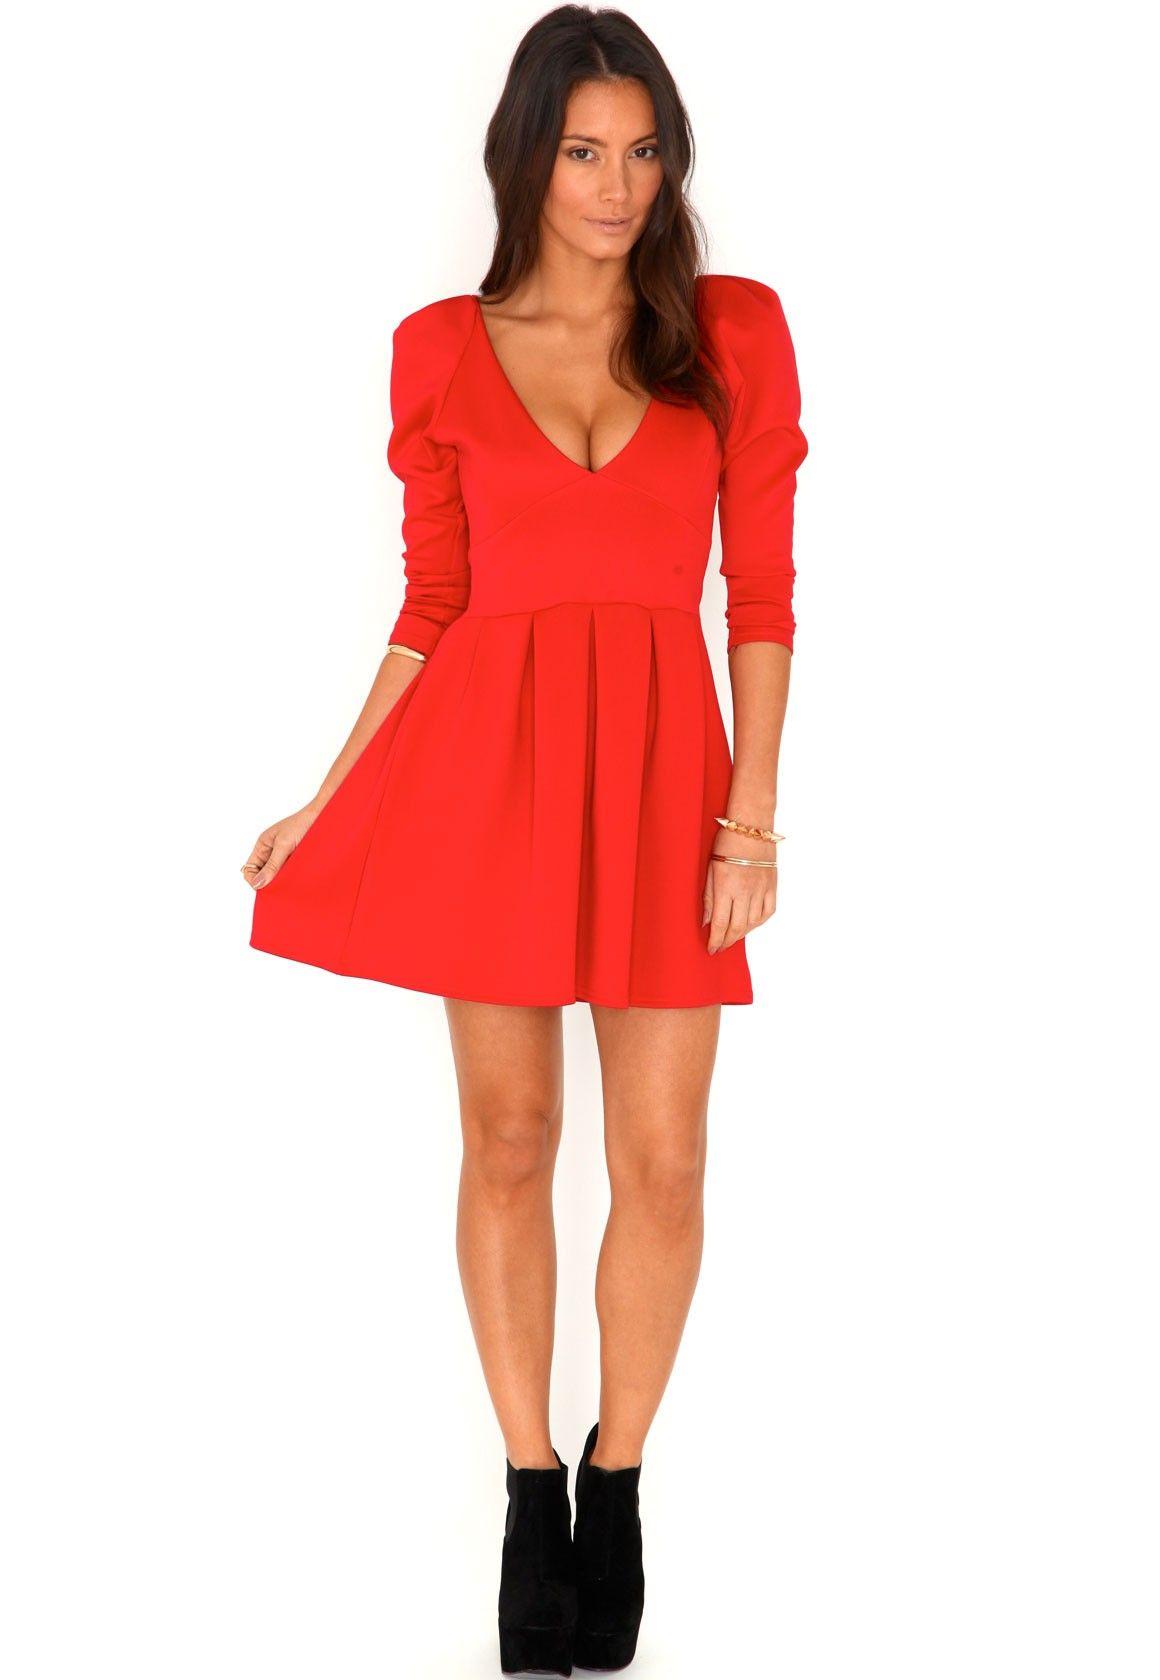 Tamasha Plunge Neck Skater Dress In Red | Dresses, Plunge ...